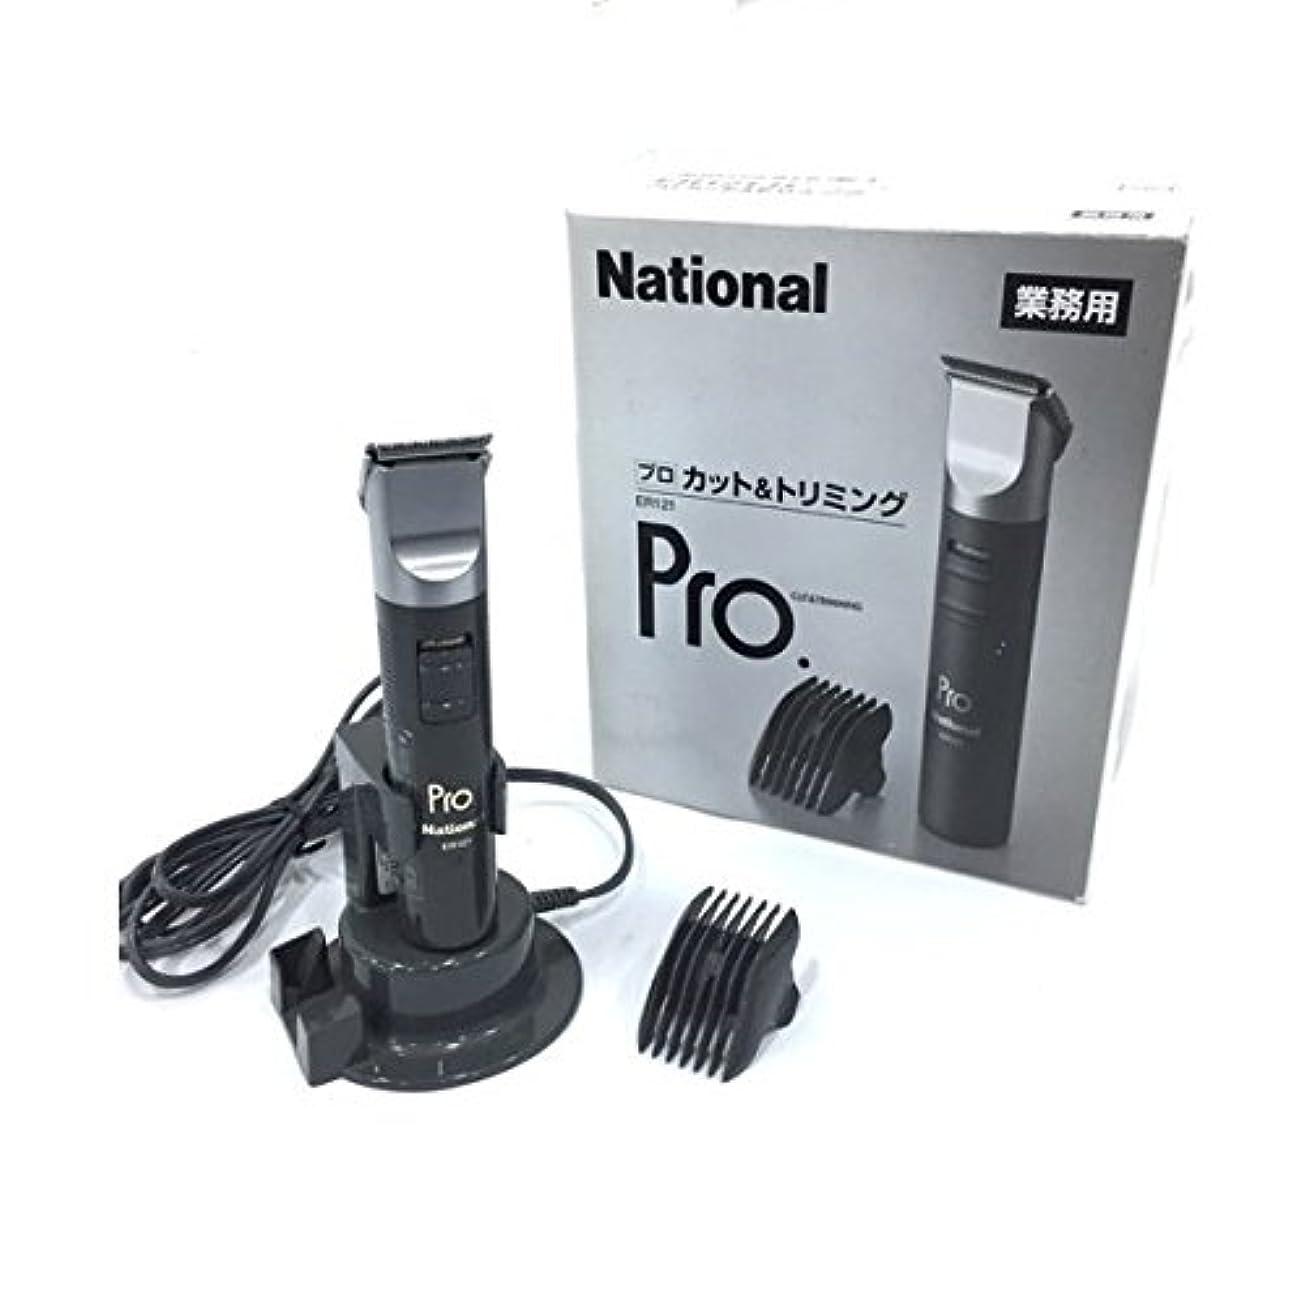 エクスタシーマイクロフォンモロニックNational ER-121 Black 日本製ヘアトリマー ER121 110~ 220V [並行輸入品]